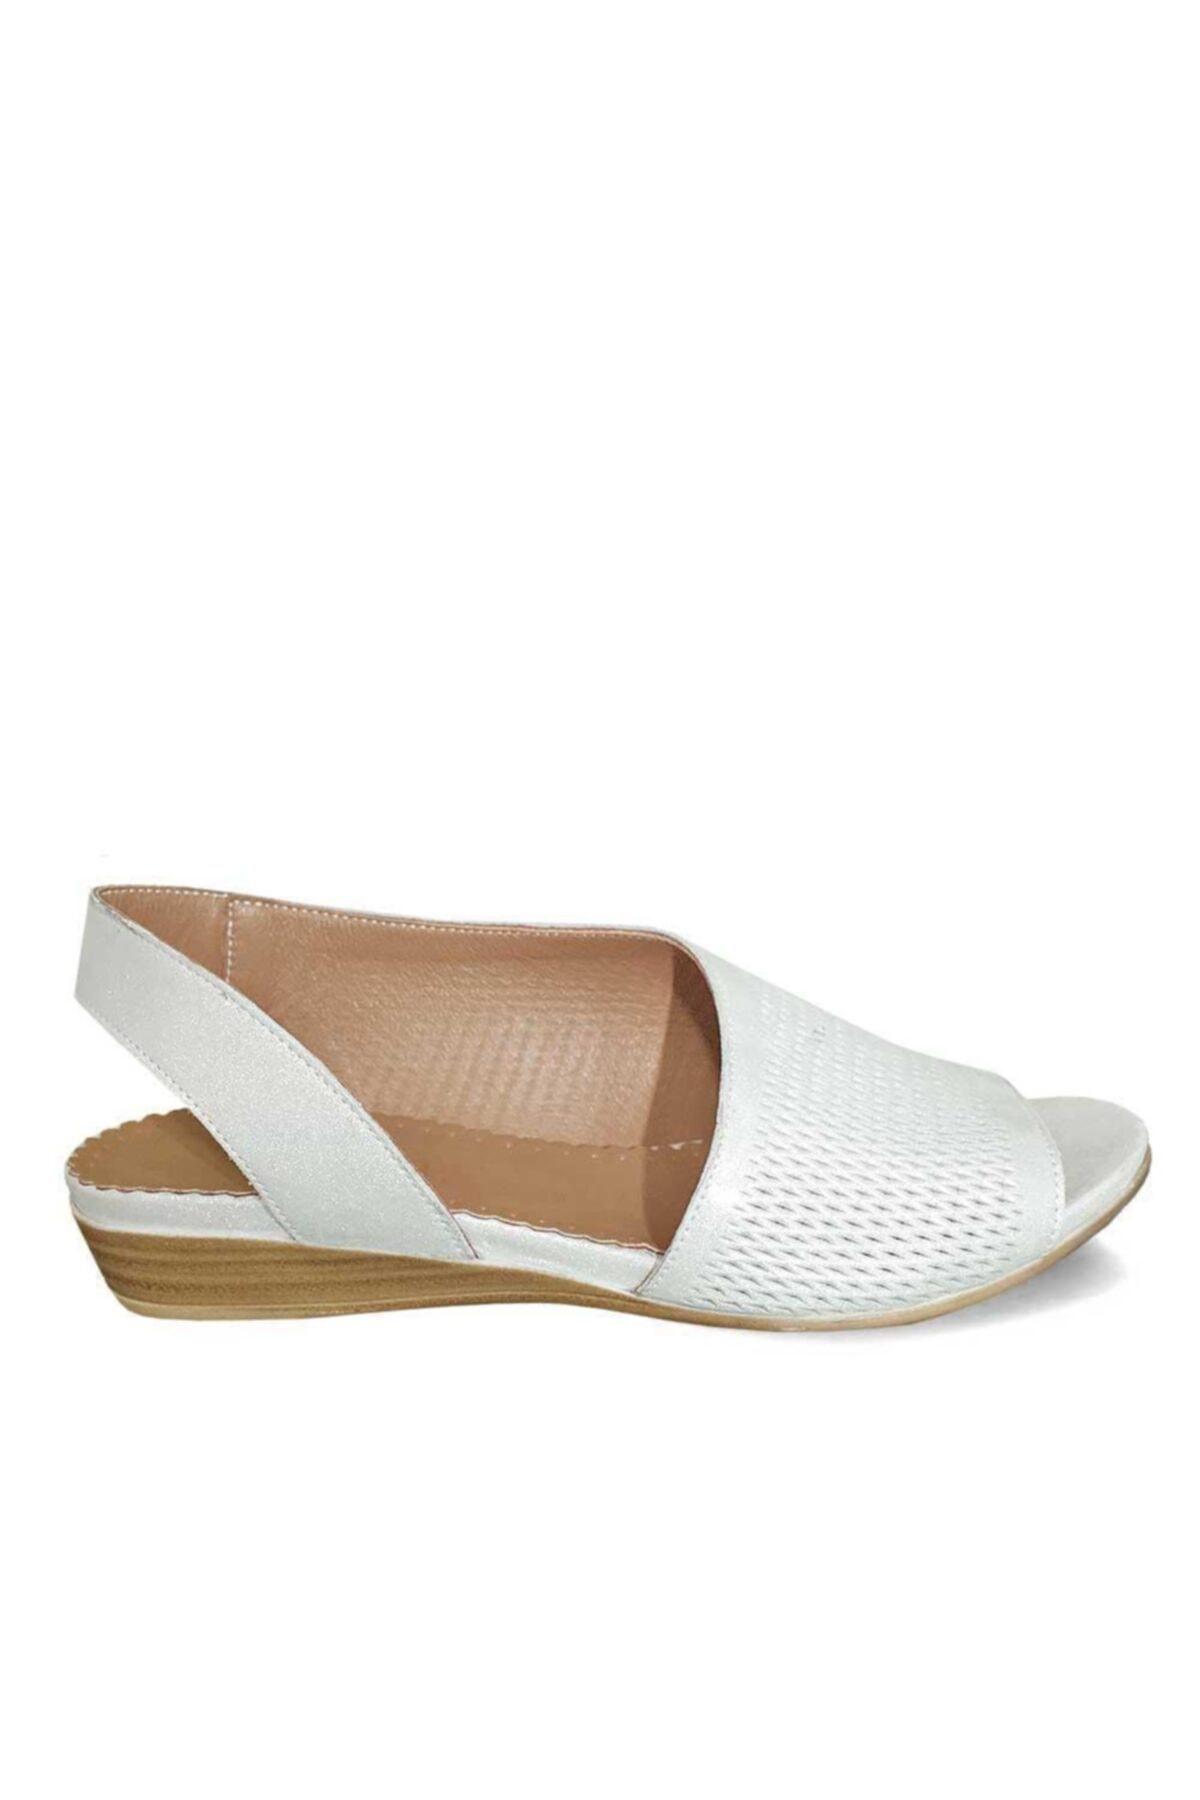 Stella 20217 Kadın Deri Sandalet 2